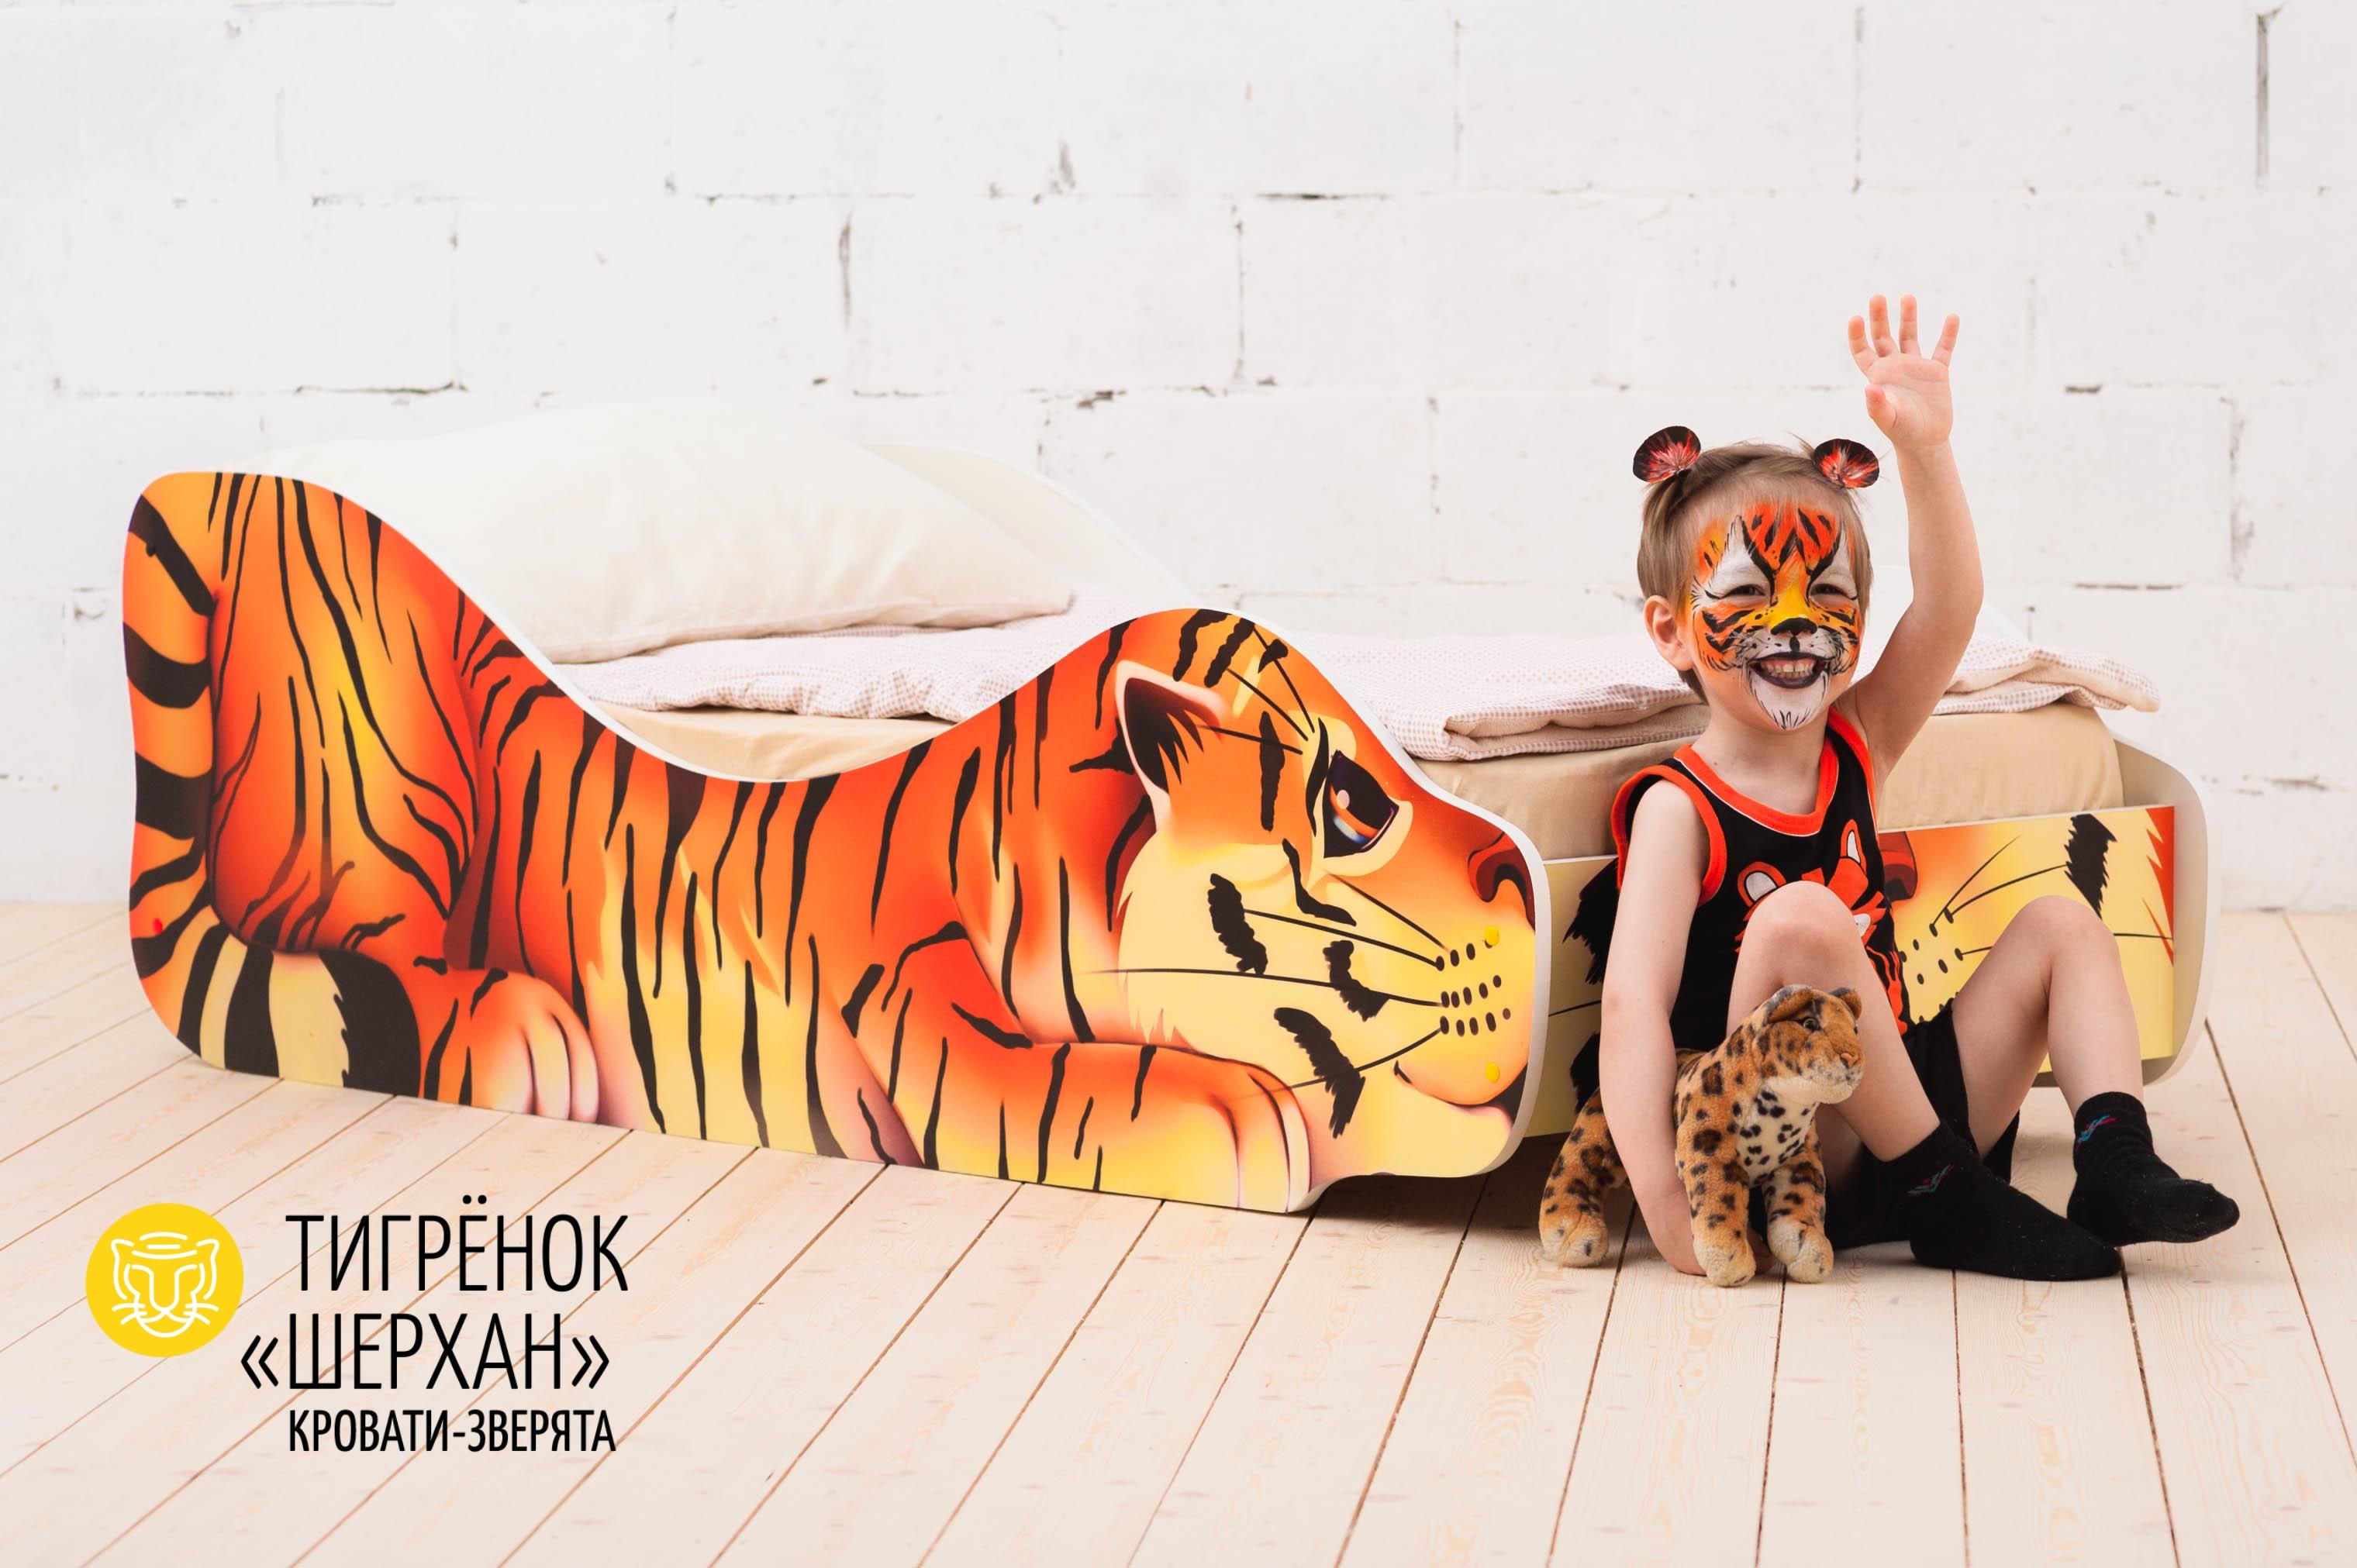 Детская кровать-зверенок -Тигренок-Шерхан-20